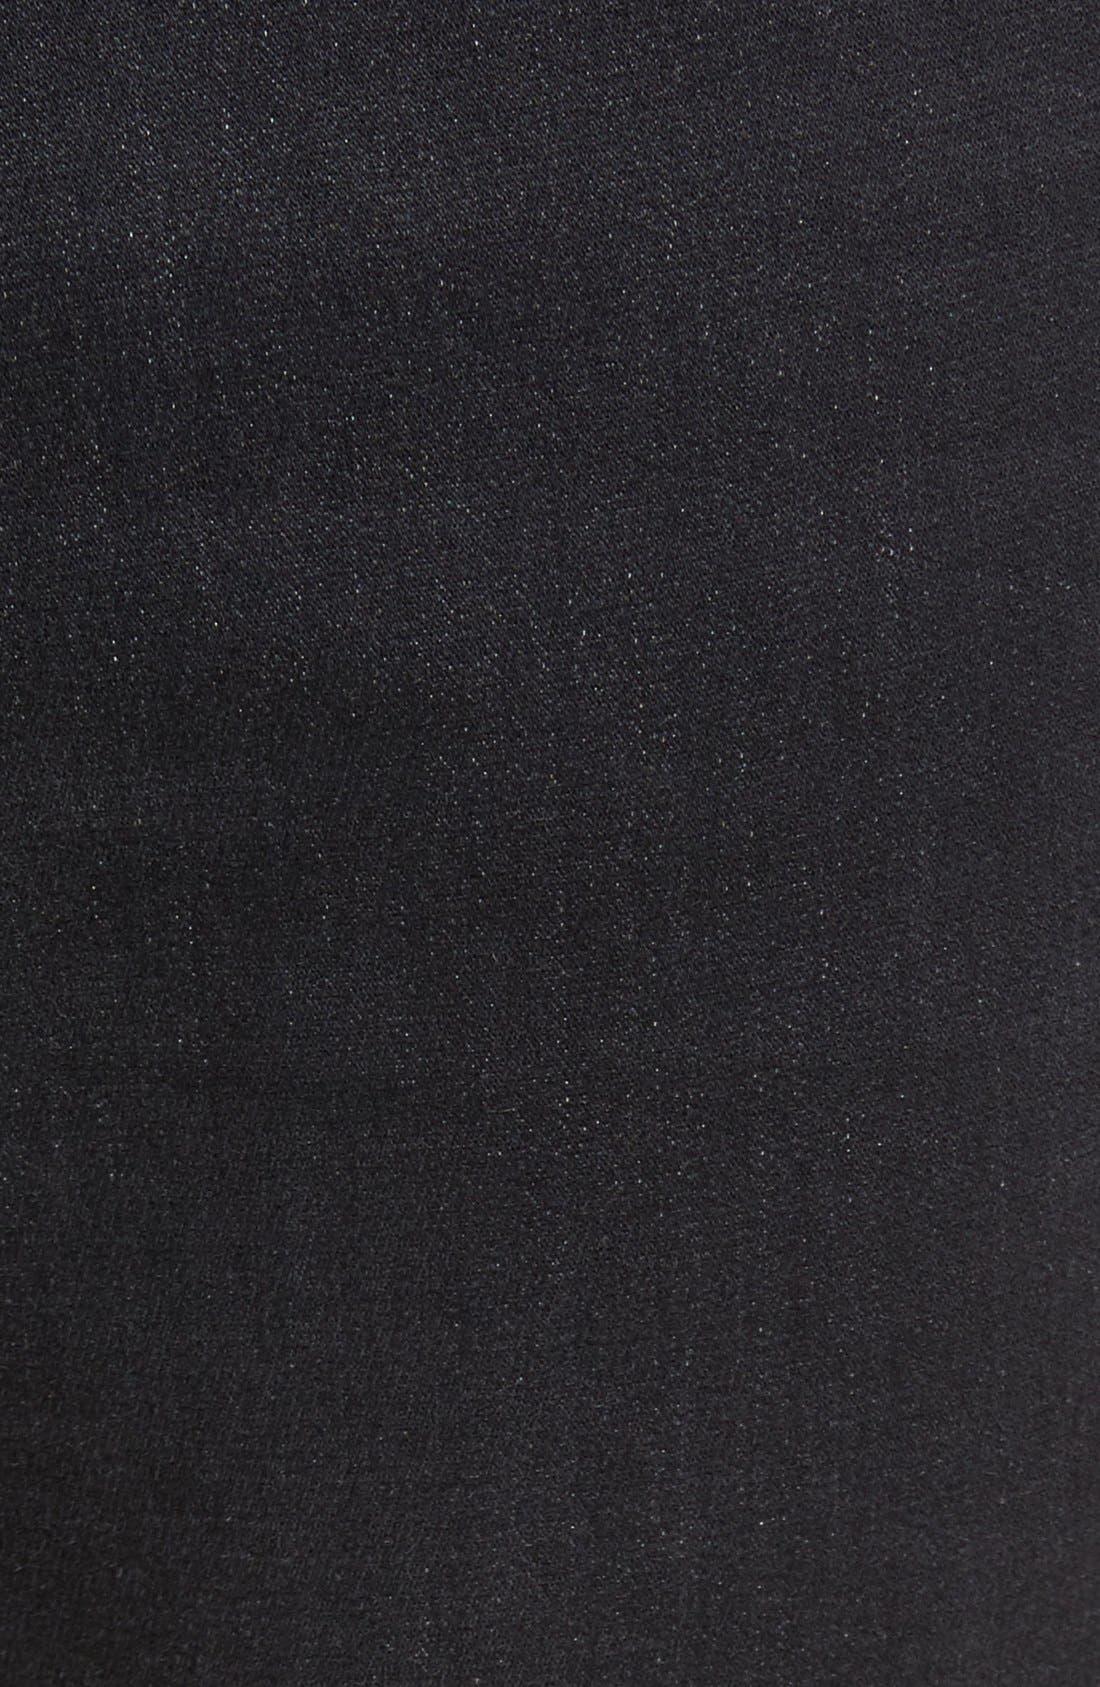 Torino Slim Fit Jeans,                             Alternate thumbnail 6, color,                             Raven Black